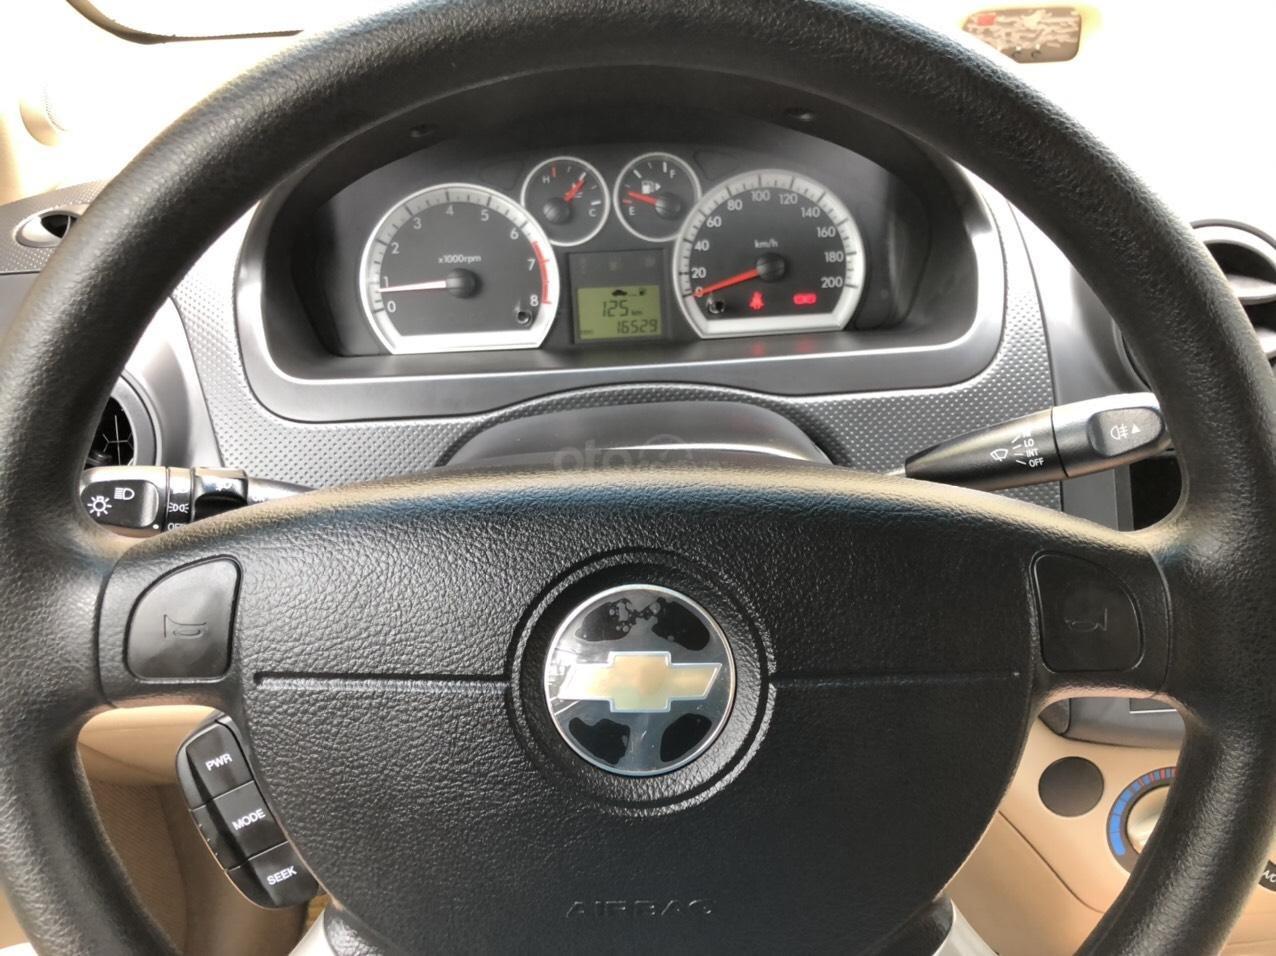 Cần bán xe Chevrolet Aveo sản xuất năm 2017, màu đen, 305 triệu (6)